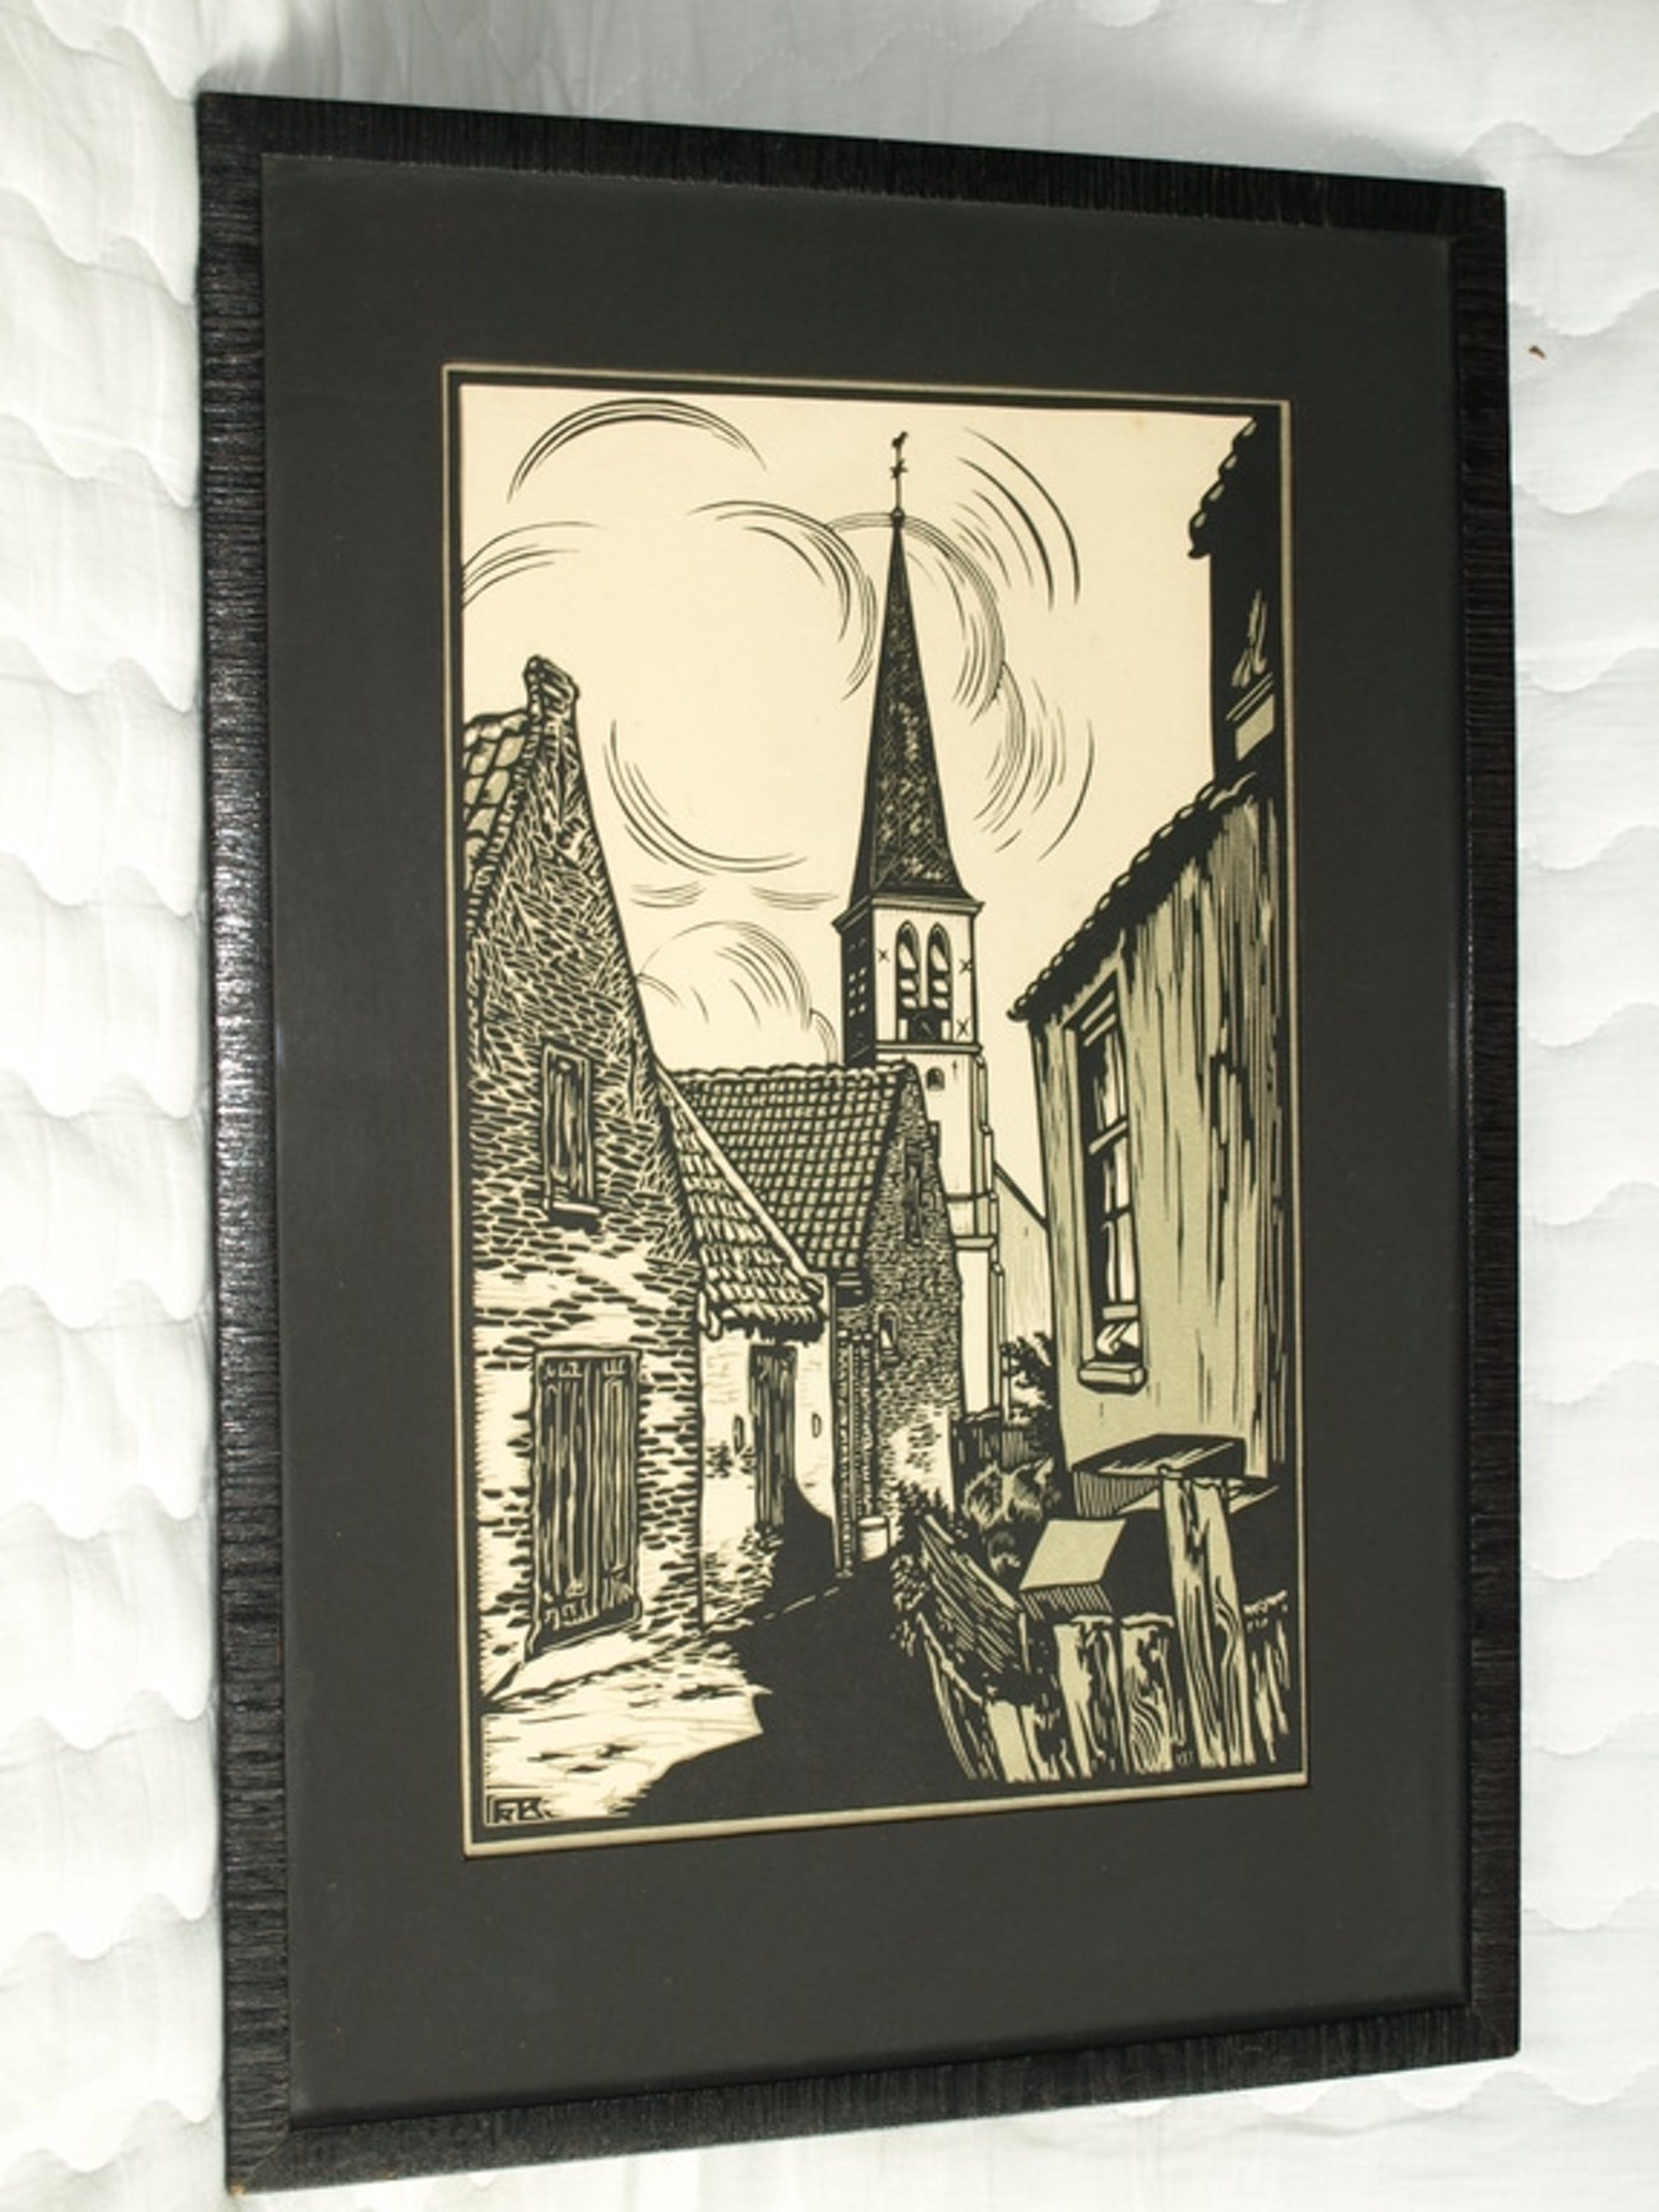 Frans Bosen – Straatje in Zandvoort - Linoleumsnede – Drukgesigneerd – ca 1940  kopen? Bied vanaf 40!